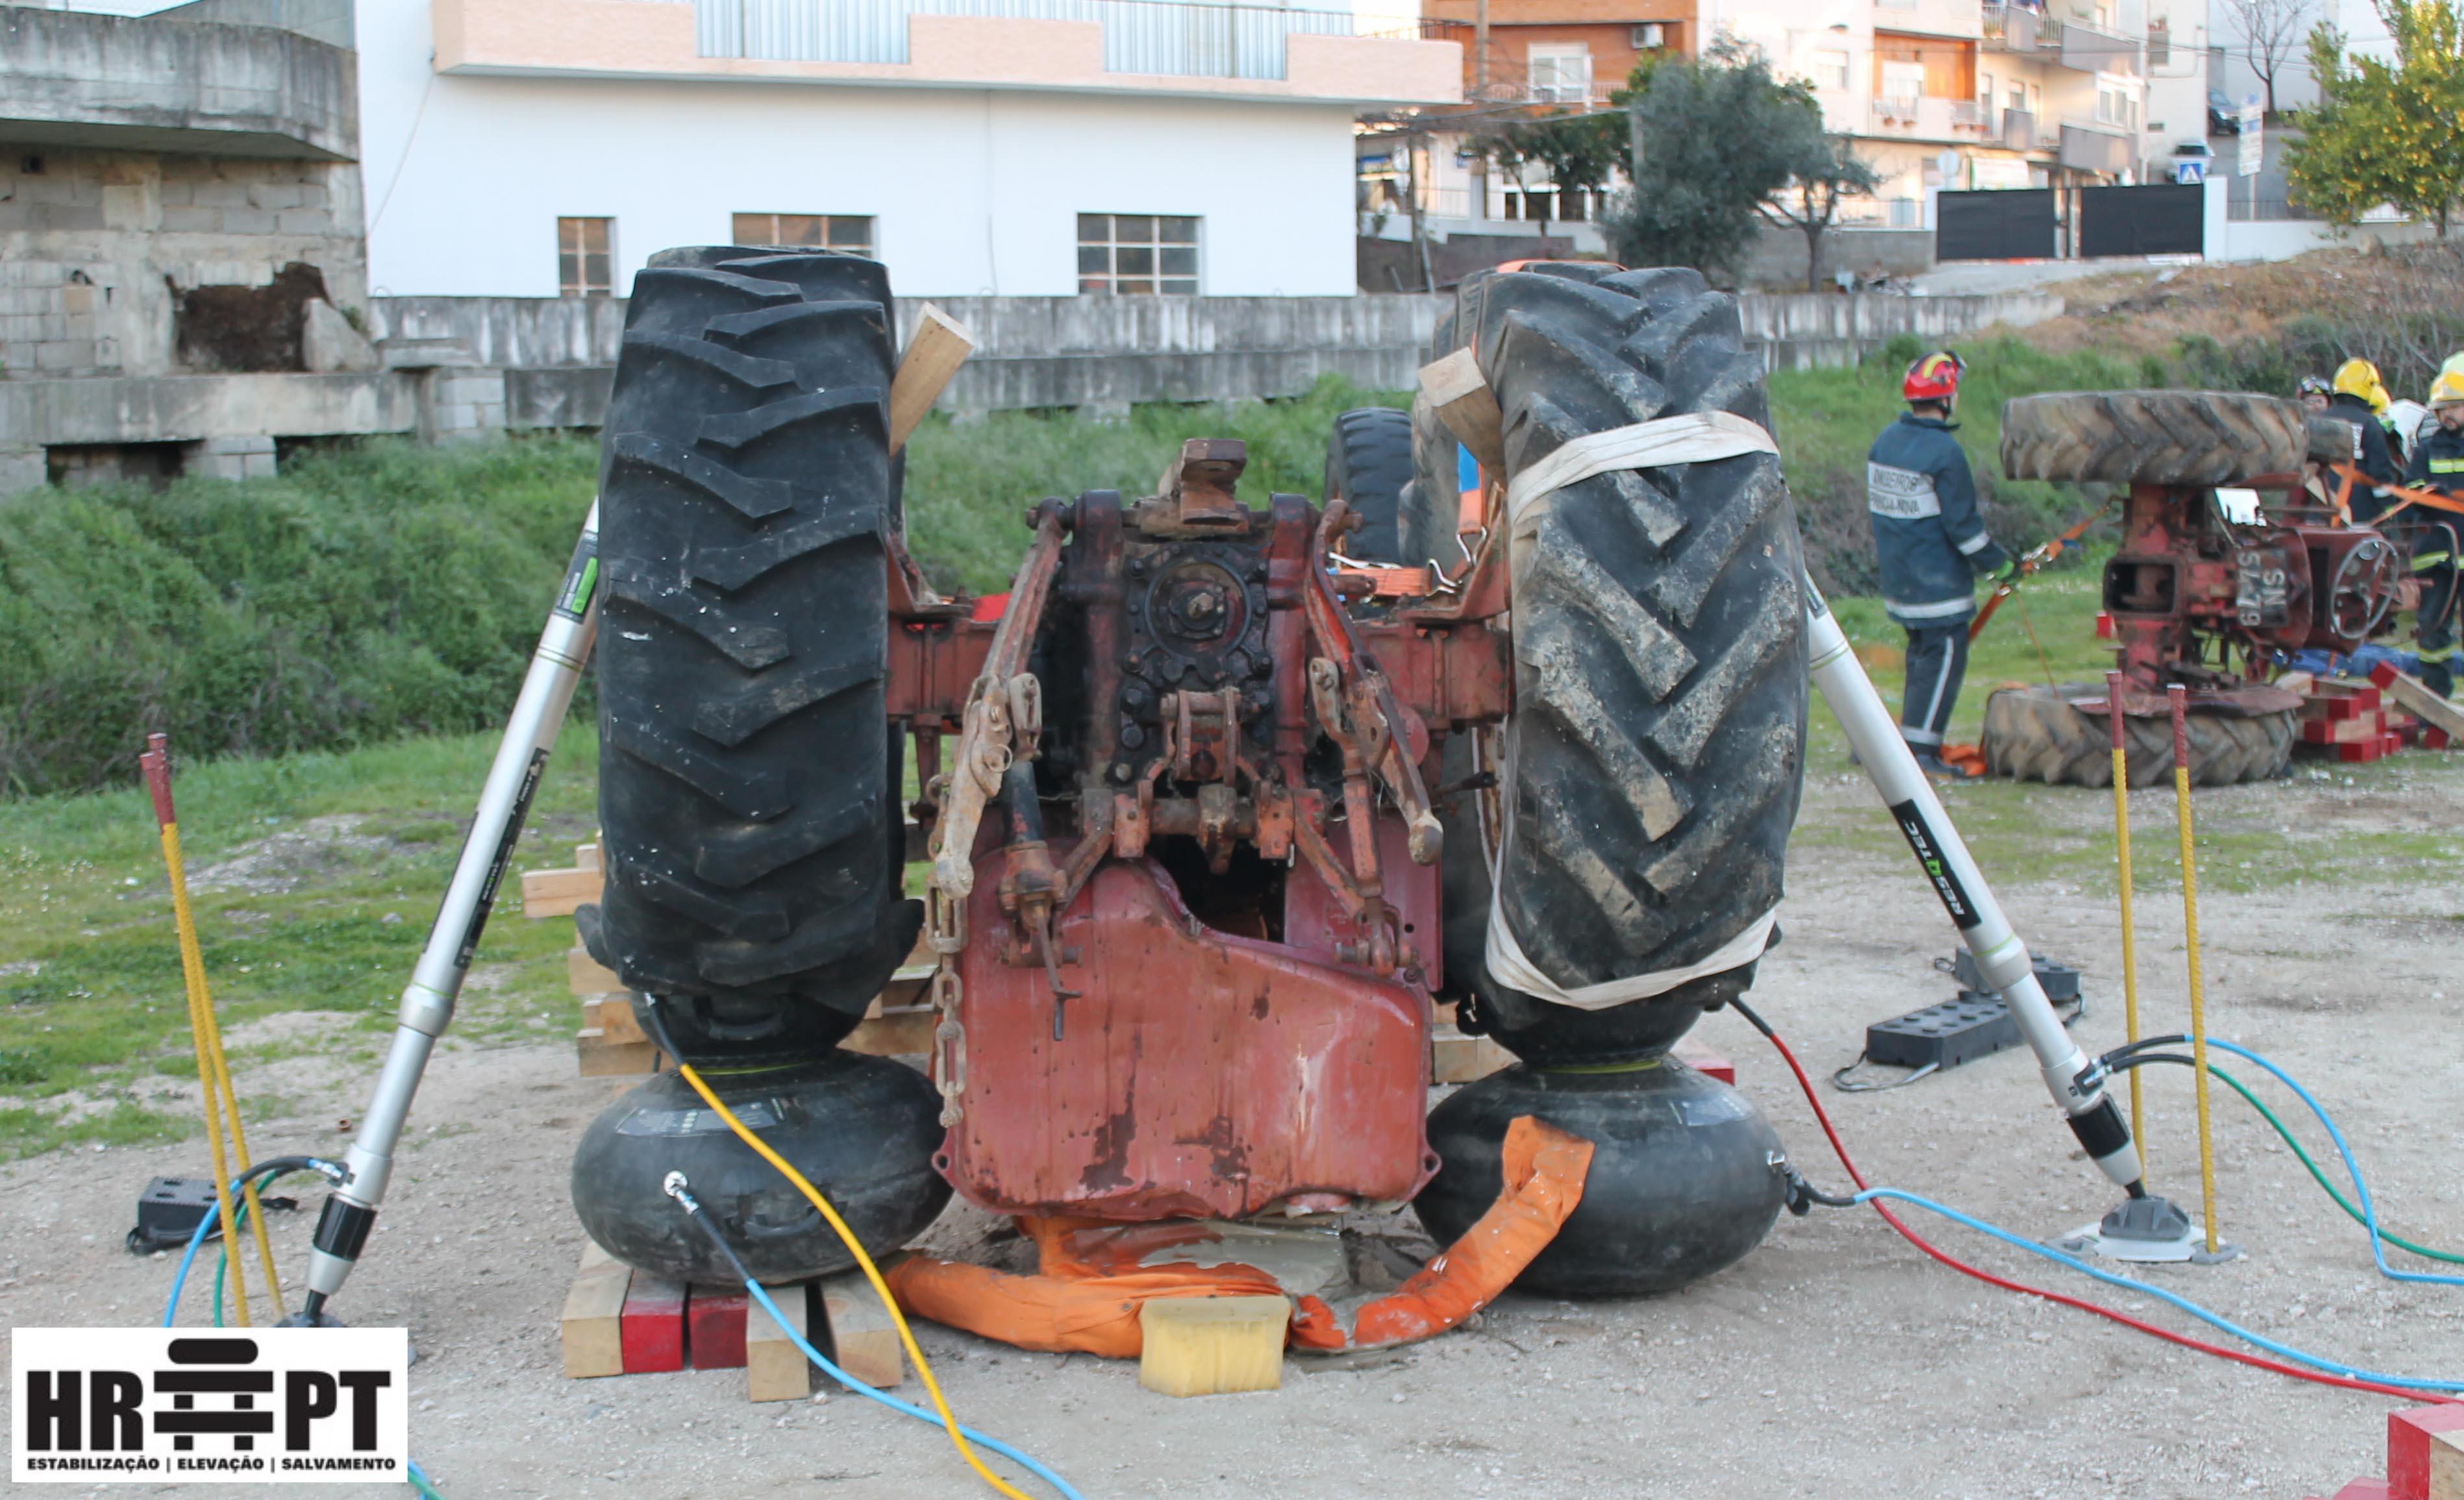 BV Proenca a Nova_MAR17-41